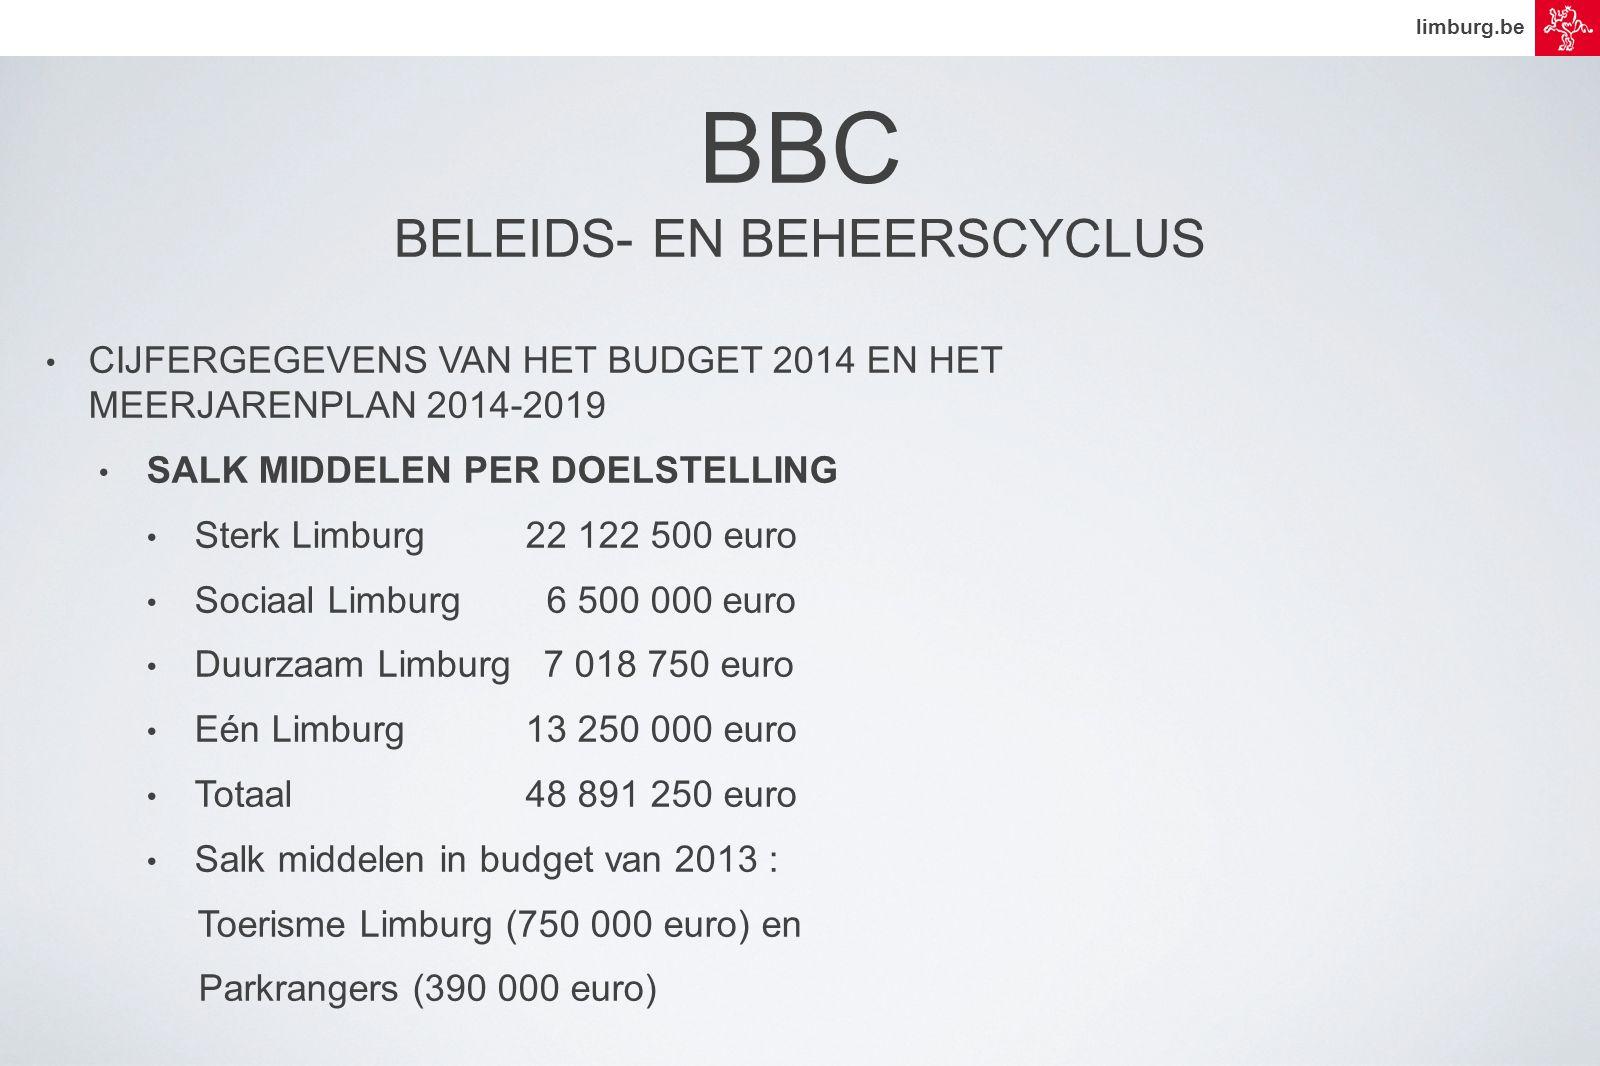 limburg.be • CIJFERGEGEVENS VAN HET BUDGET 2014 EN HET MEERJARENPLAN 2014-2019 • SALK MIDDELEN PER DOELSTELLING • Sterk Limburg22 122 500 euro • Sociaal Limburg 6 500 000 euro • Duurzaam Limburg 7 018 750 euro • Eén Limburg13 250 000 euro • Totaal 48 891 250 euro • Salk middelen in budget van 2013 : Toerisme Limburg (750 000 euro) en Parkrangers (390 000 euro) BBC BELEIDS- EN BEHEERSCYCLUS